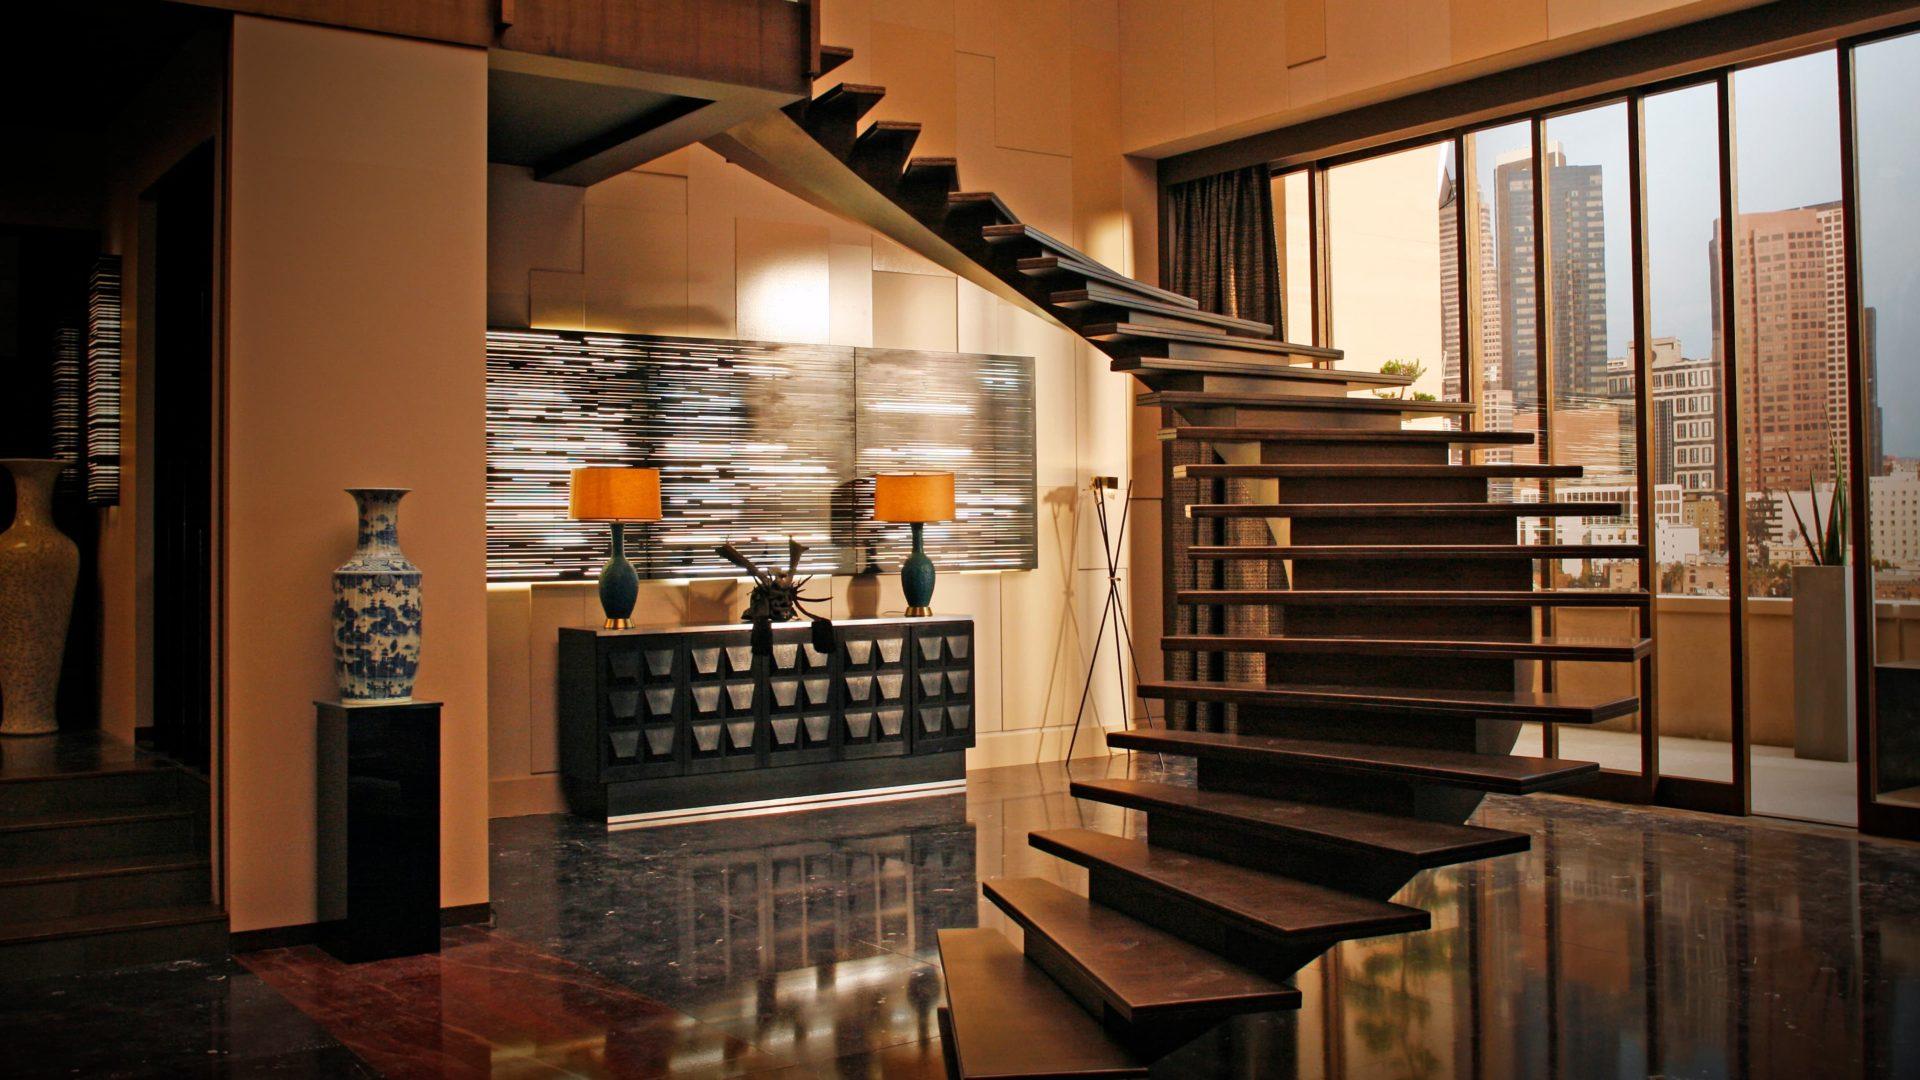 Dans un appartement lumineux et moderne, un escalier balancé majestueux. L'escalier du film Taken 3.